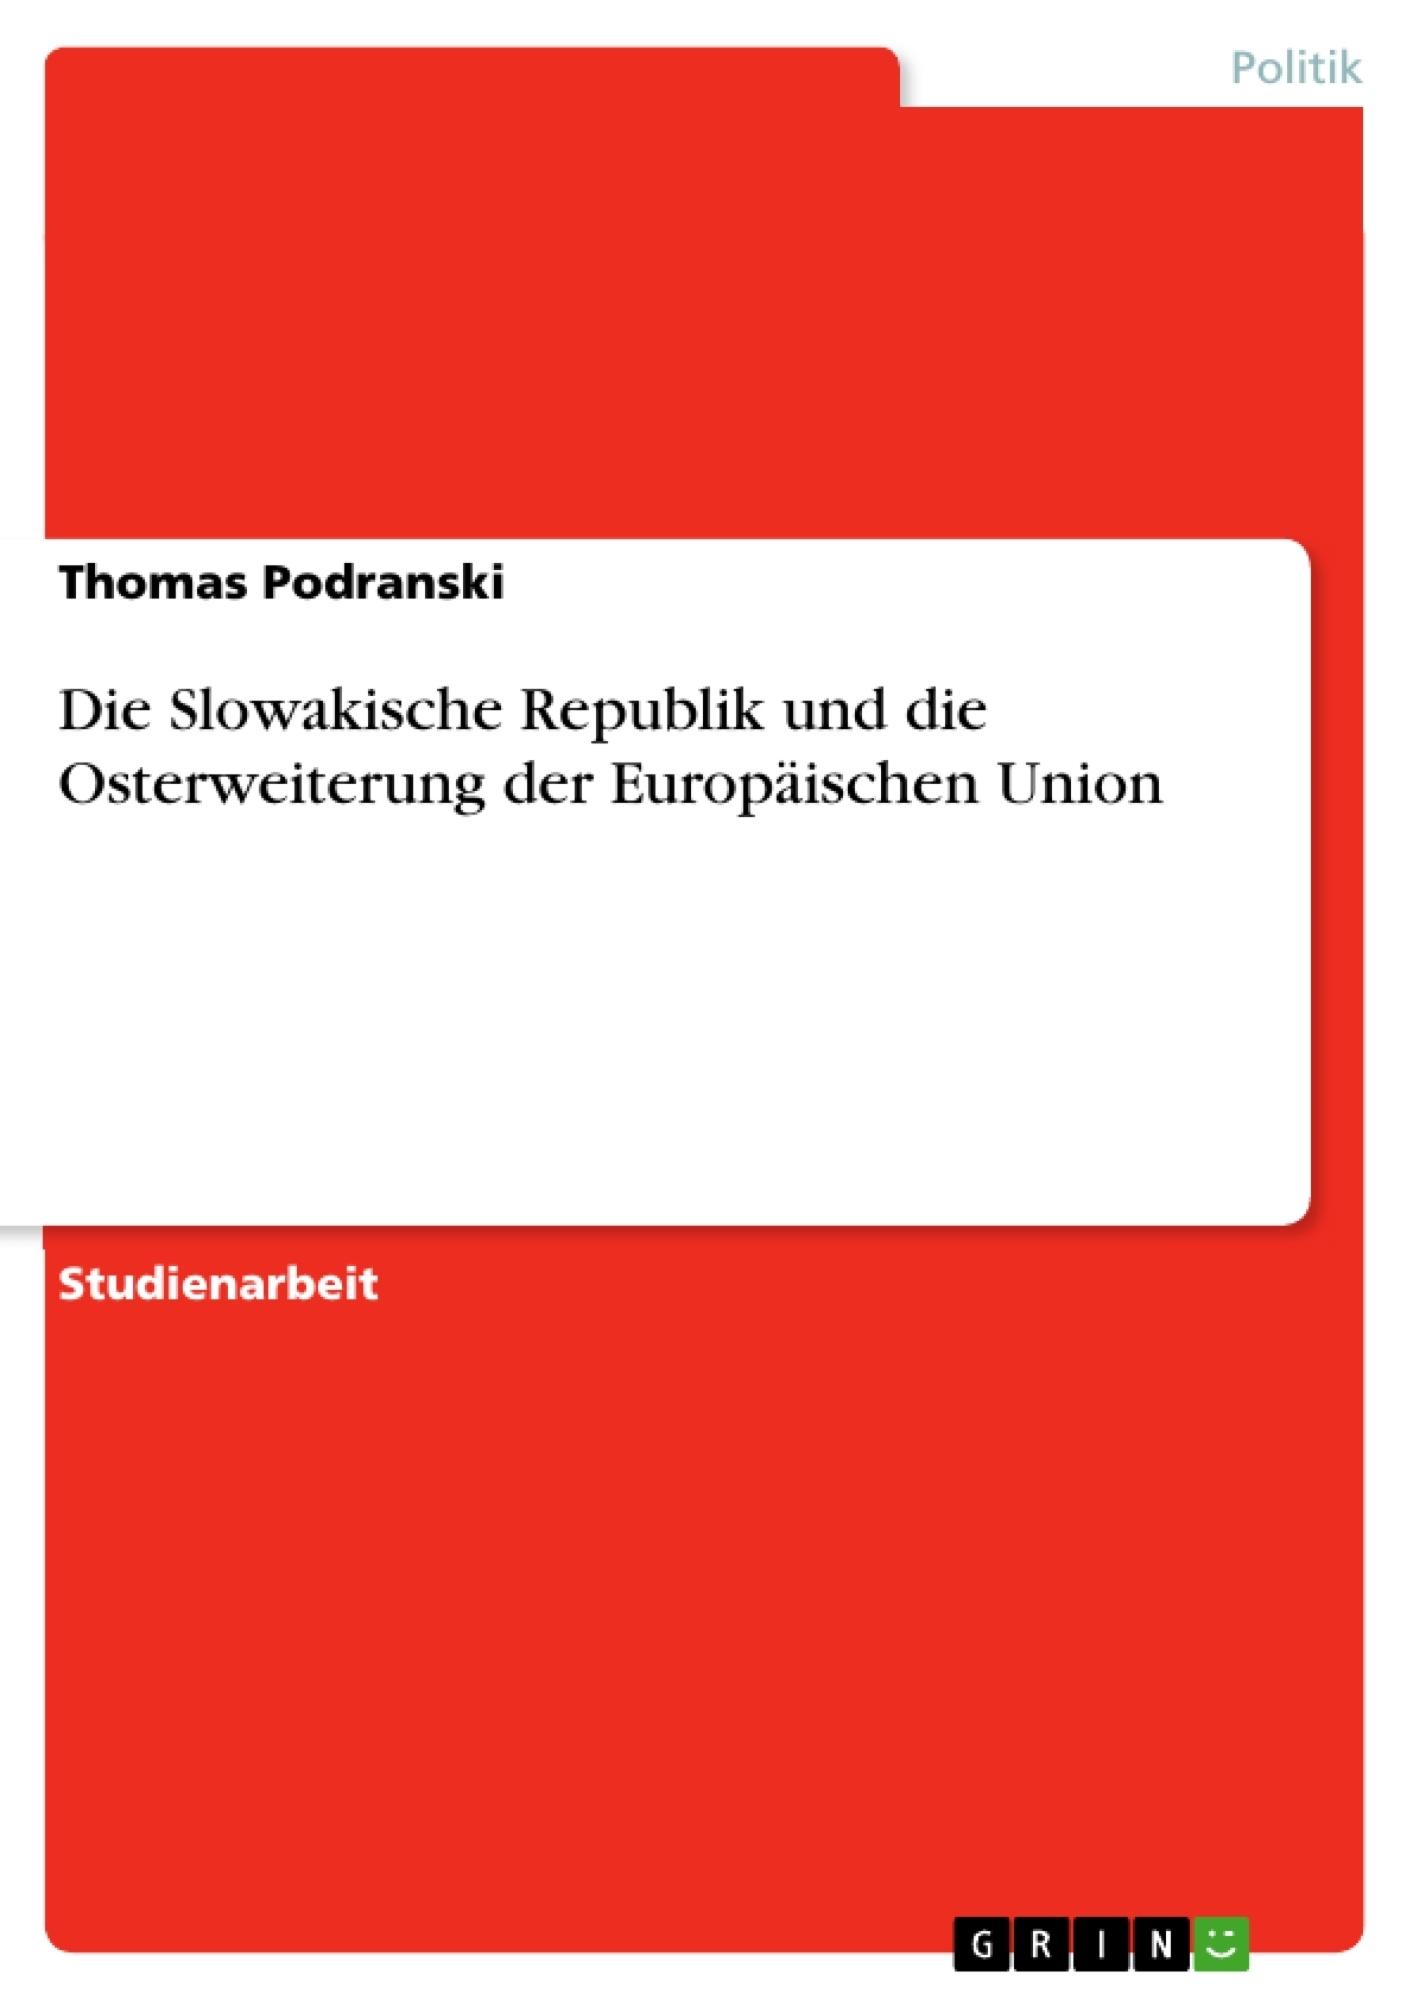 Titel: Die Slowakische Republik und die Osterweiterung der Europäischen Union